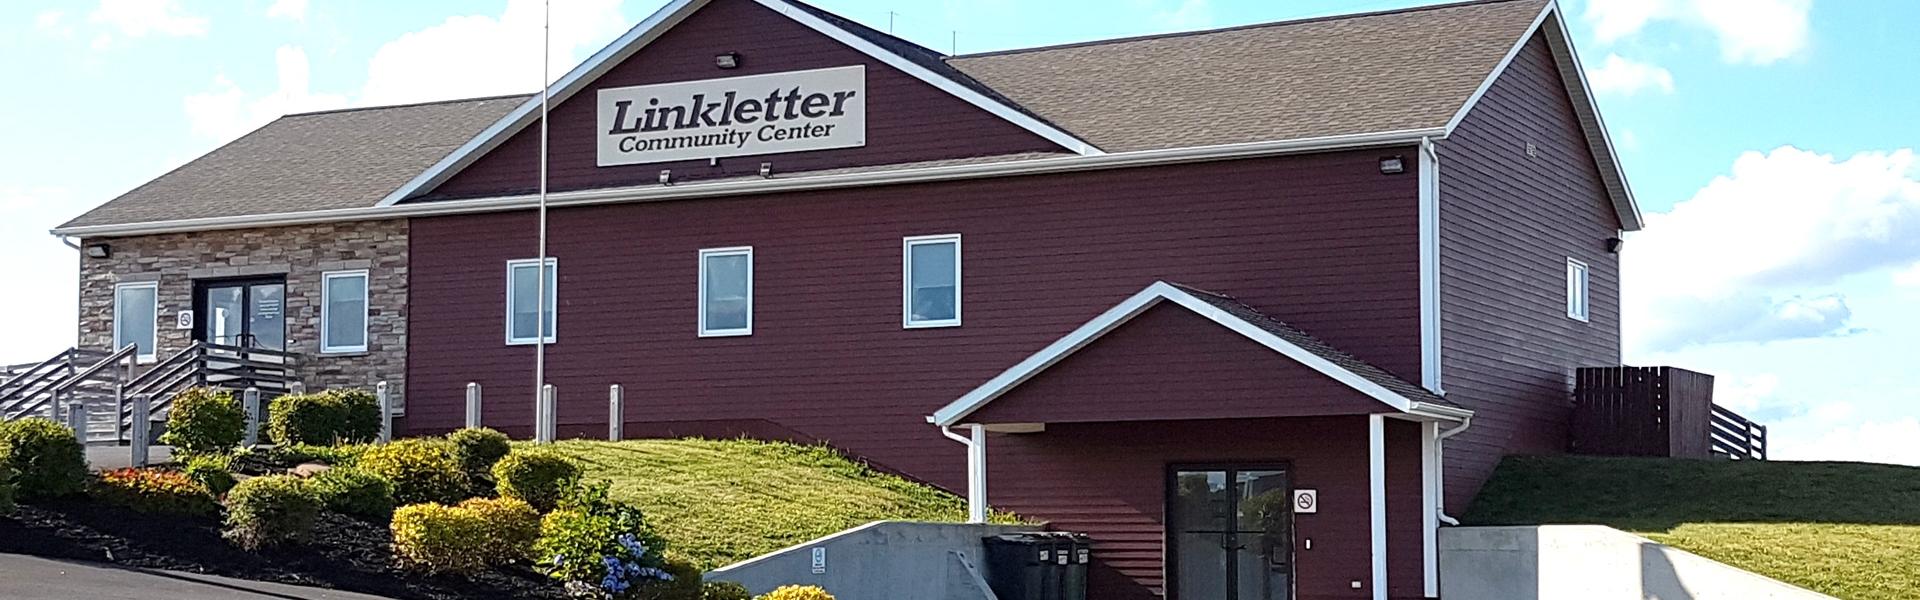 Linkletter Community Centre